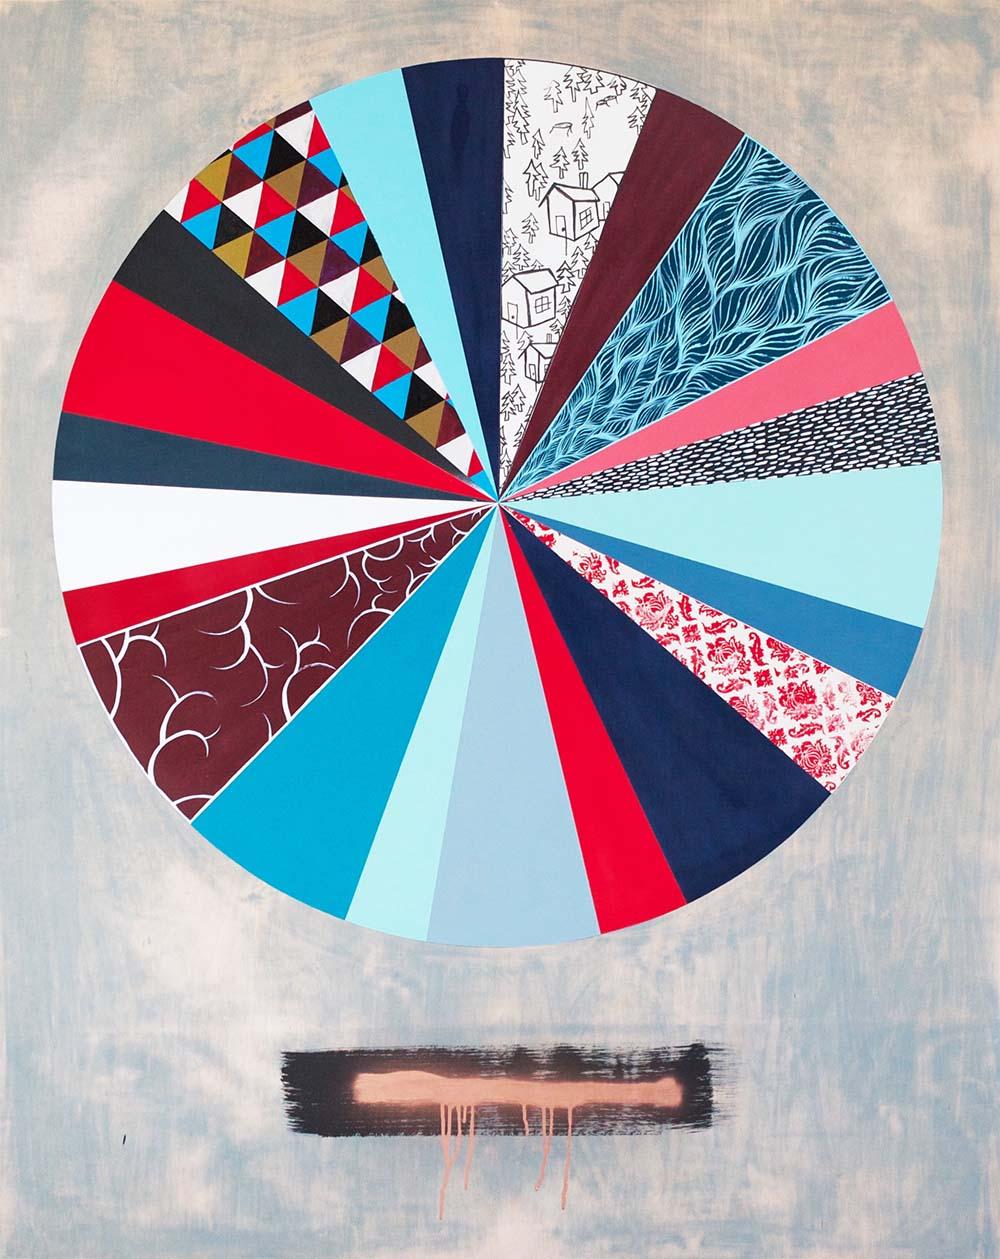 Jeremiah-Kille-pinwheel-5.jpg